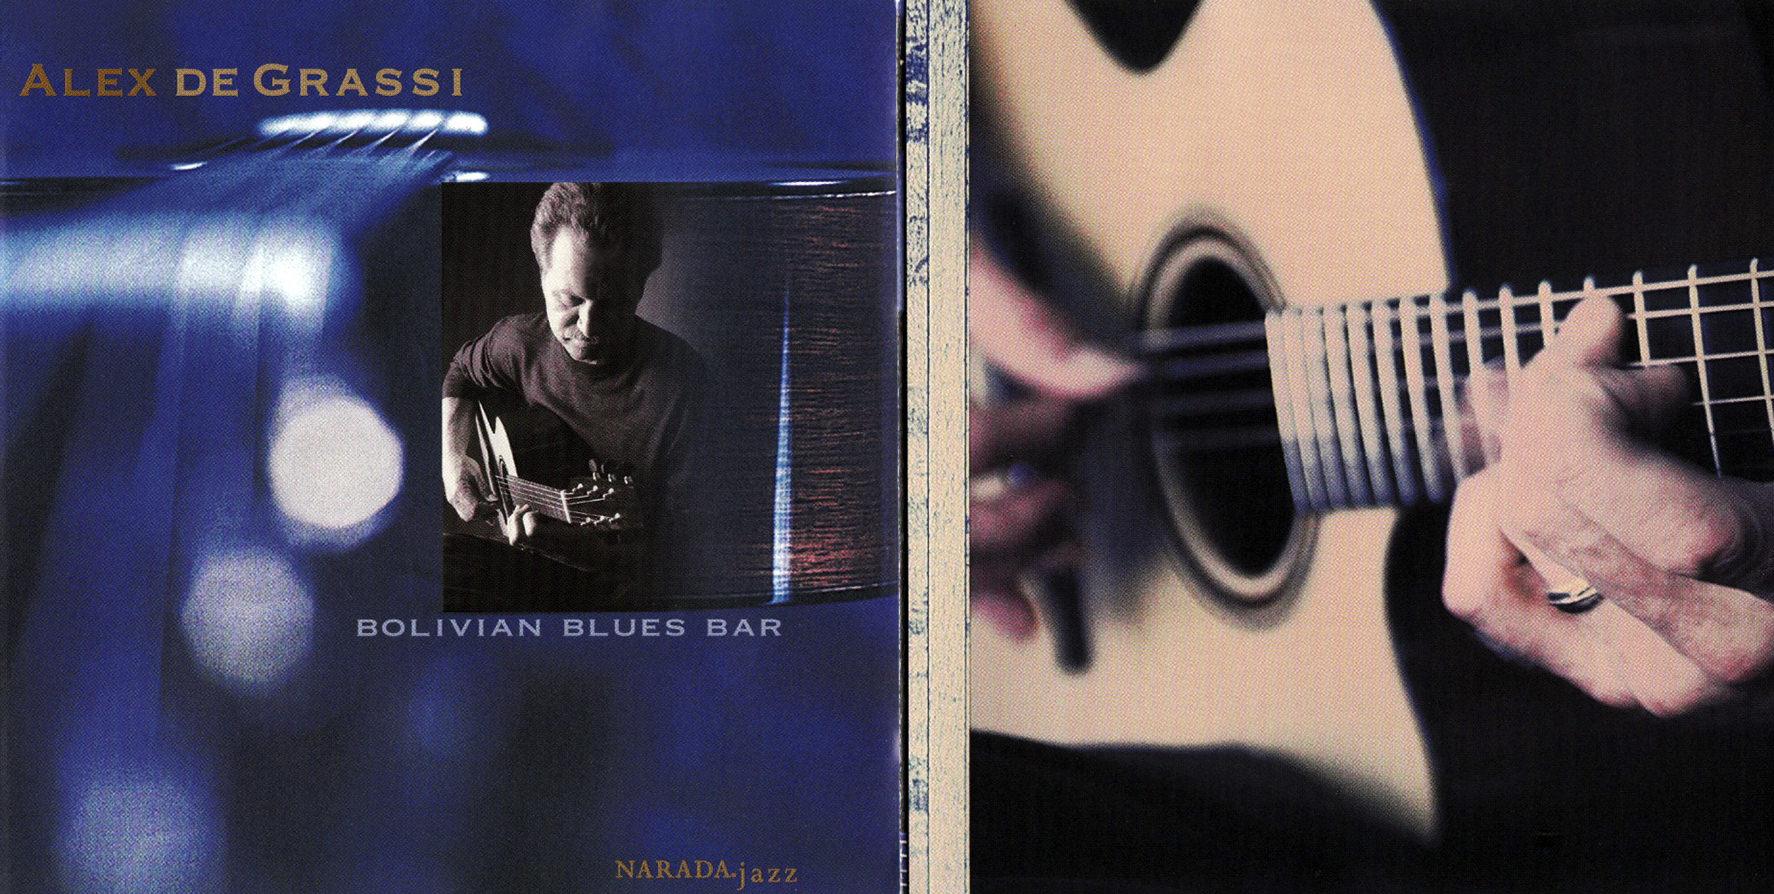 Alex De Grassi, Bolivian Blues Bar